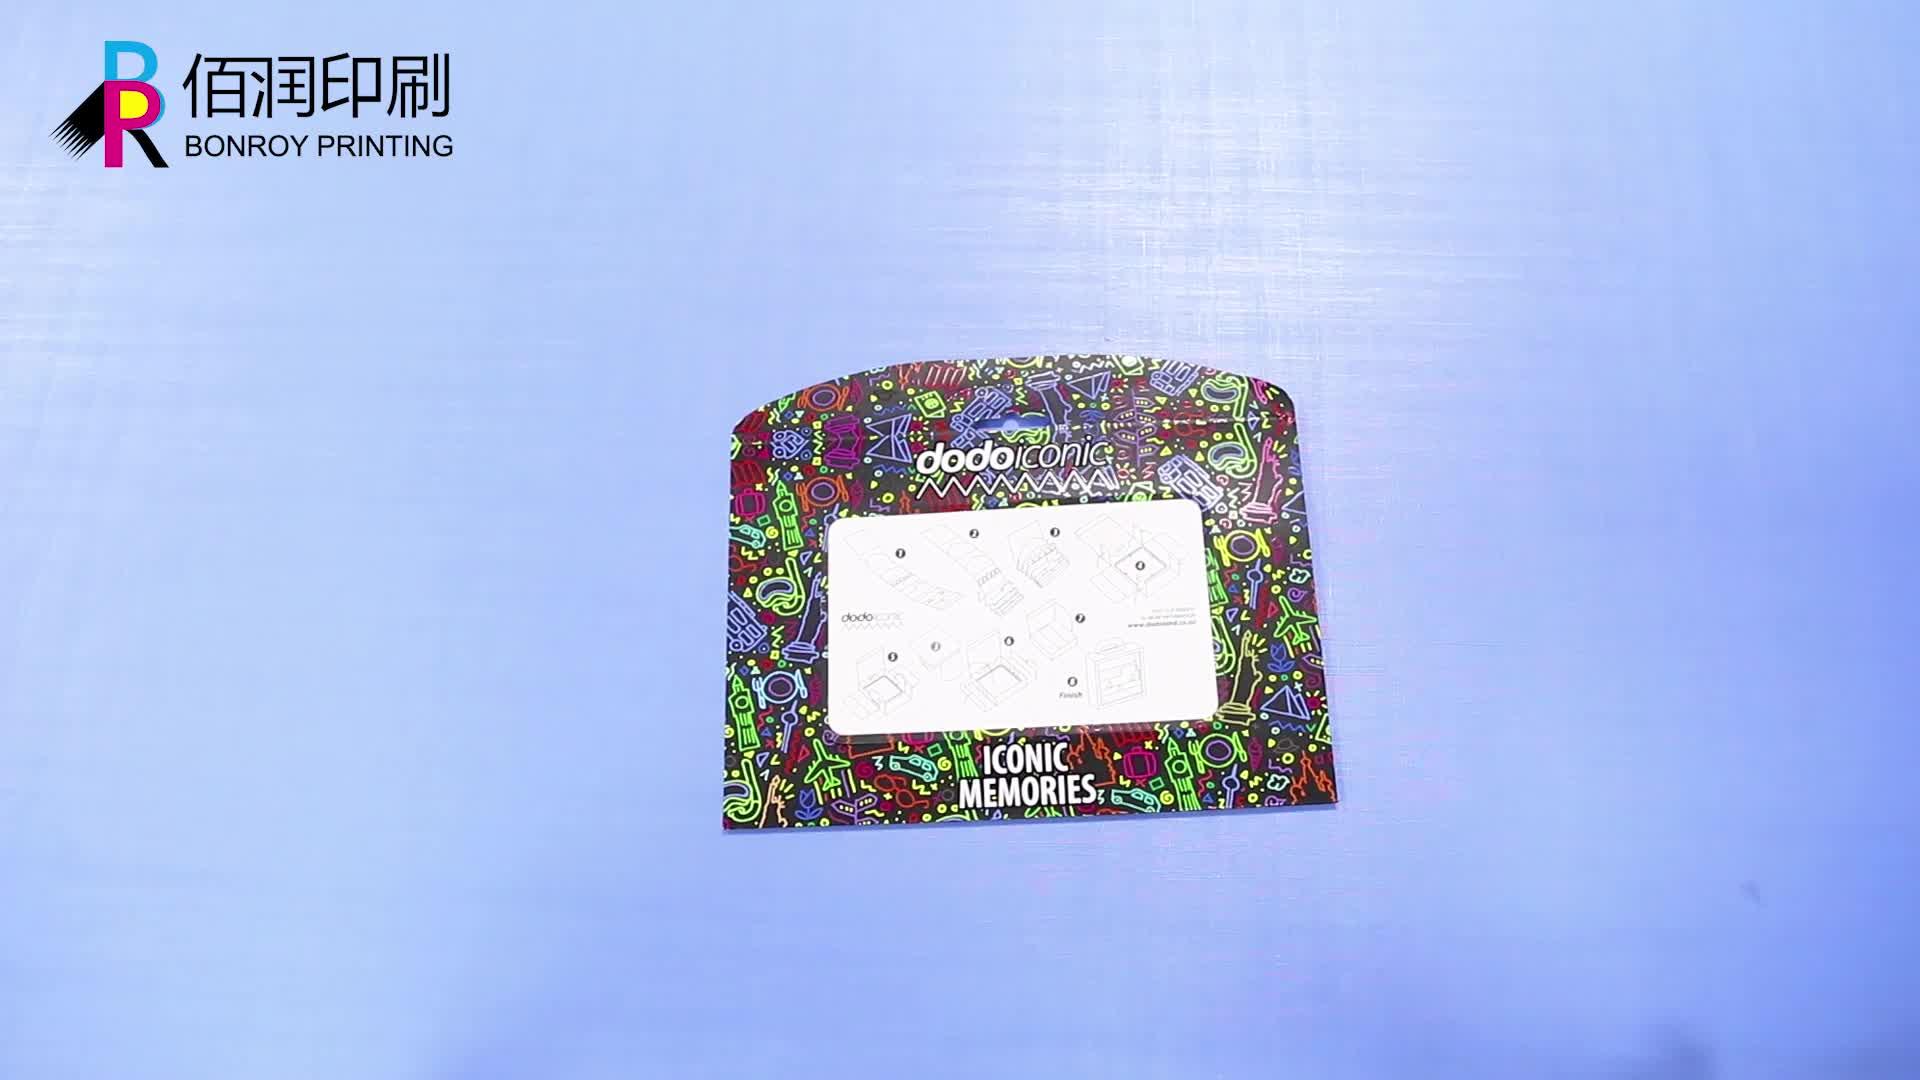 Китайский поставщик, Заказная печать, оптовая продажа, эко-фридированная крафт-бумага с покрытием А4 конверт